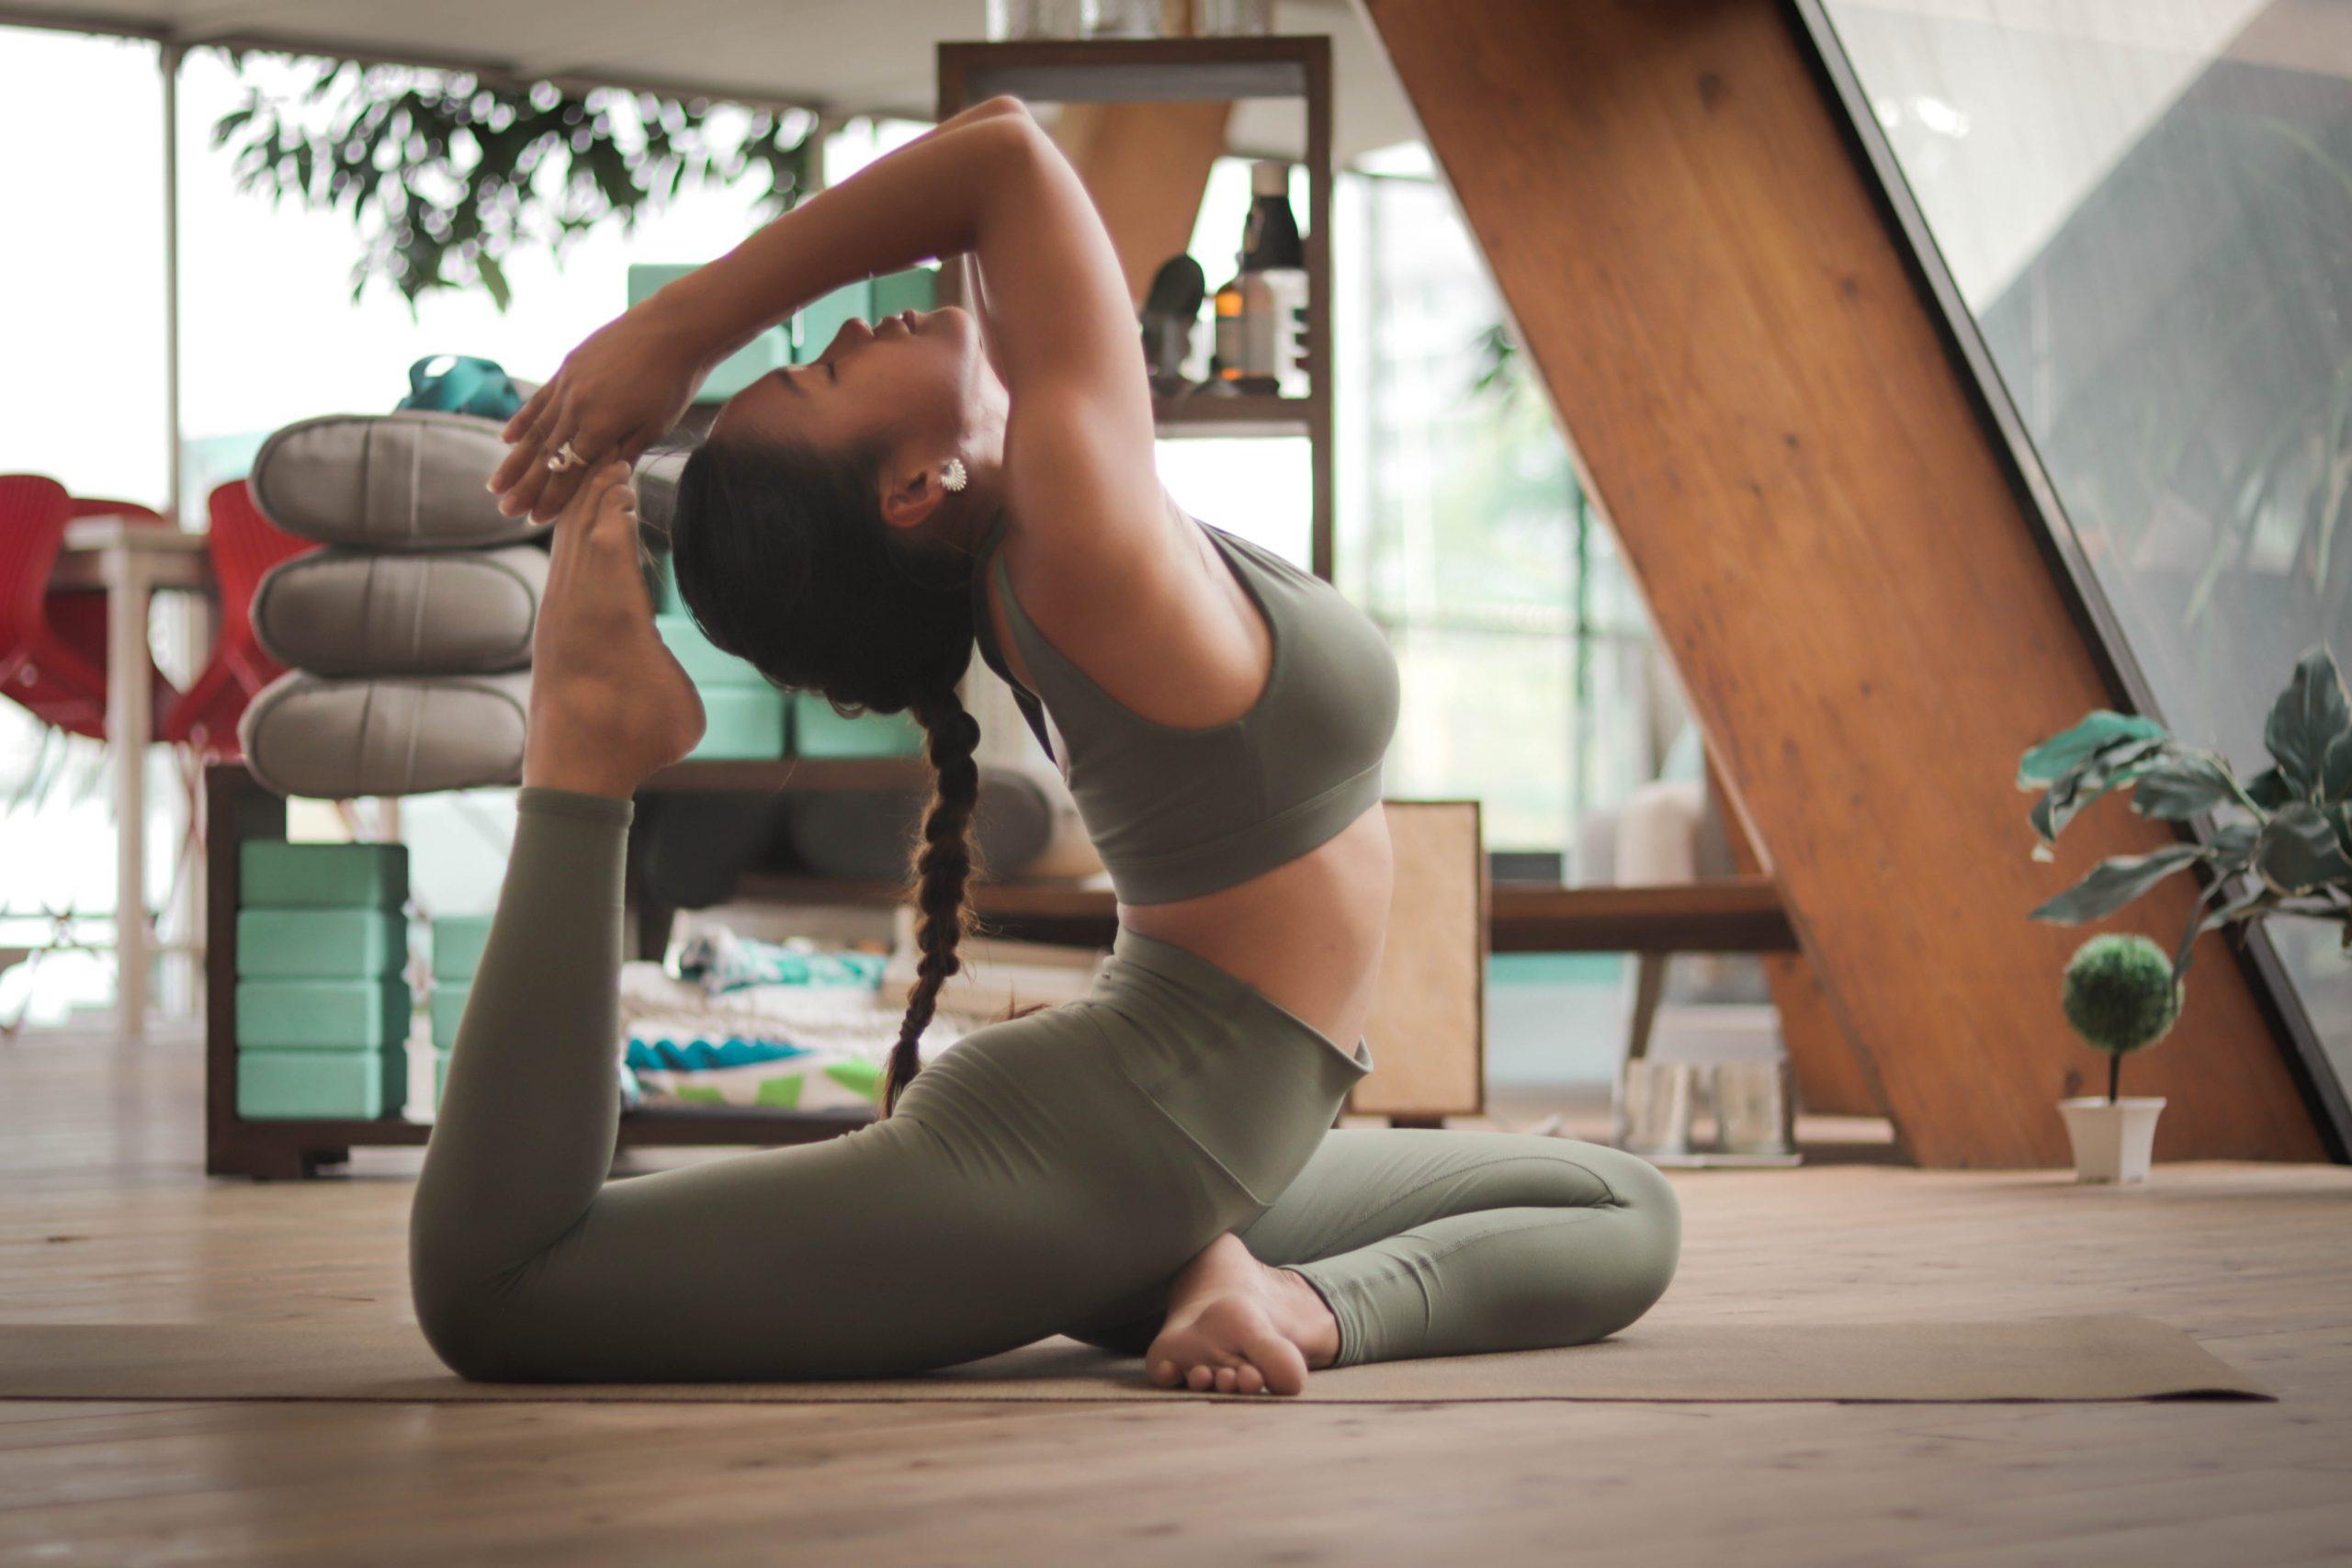 Existen varios tipos de yoga algunos de ellos son muy novedosos./ Unsplash